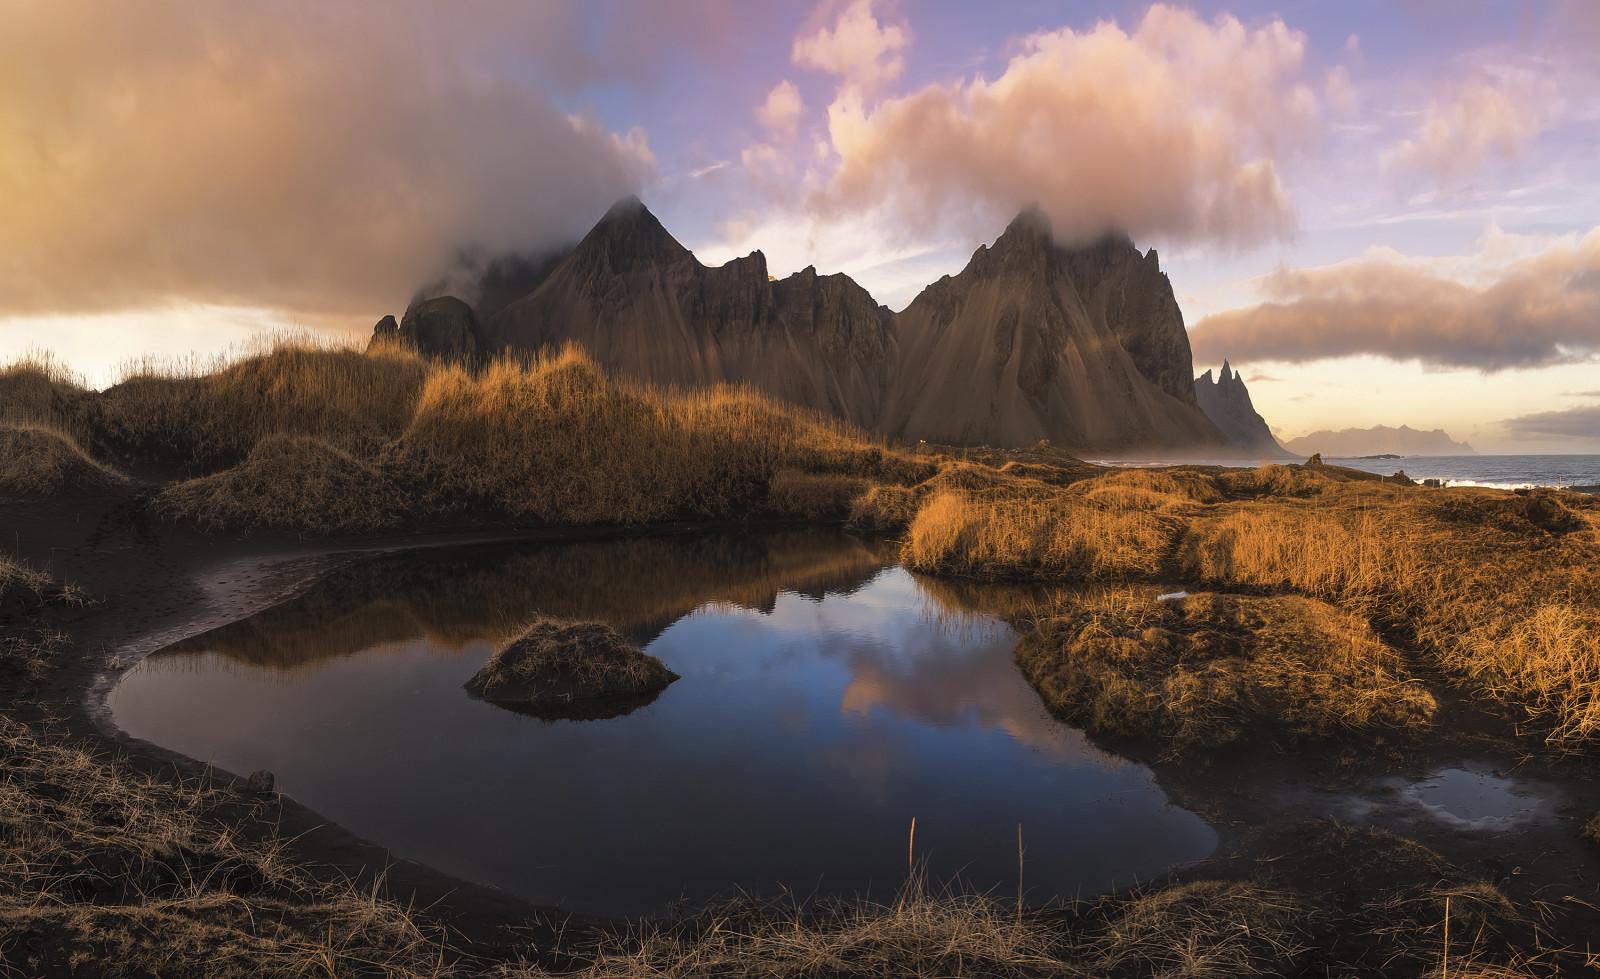 Lake Mountain Reflection Minimalism Wallpapers Hd: Wallpaper : Sunlight, Landscape, Sunset, Sea, Lake, Rock